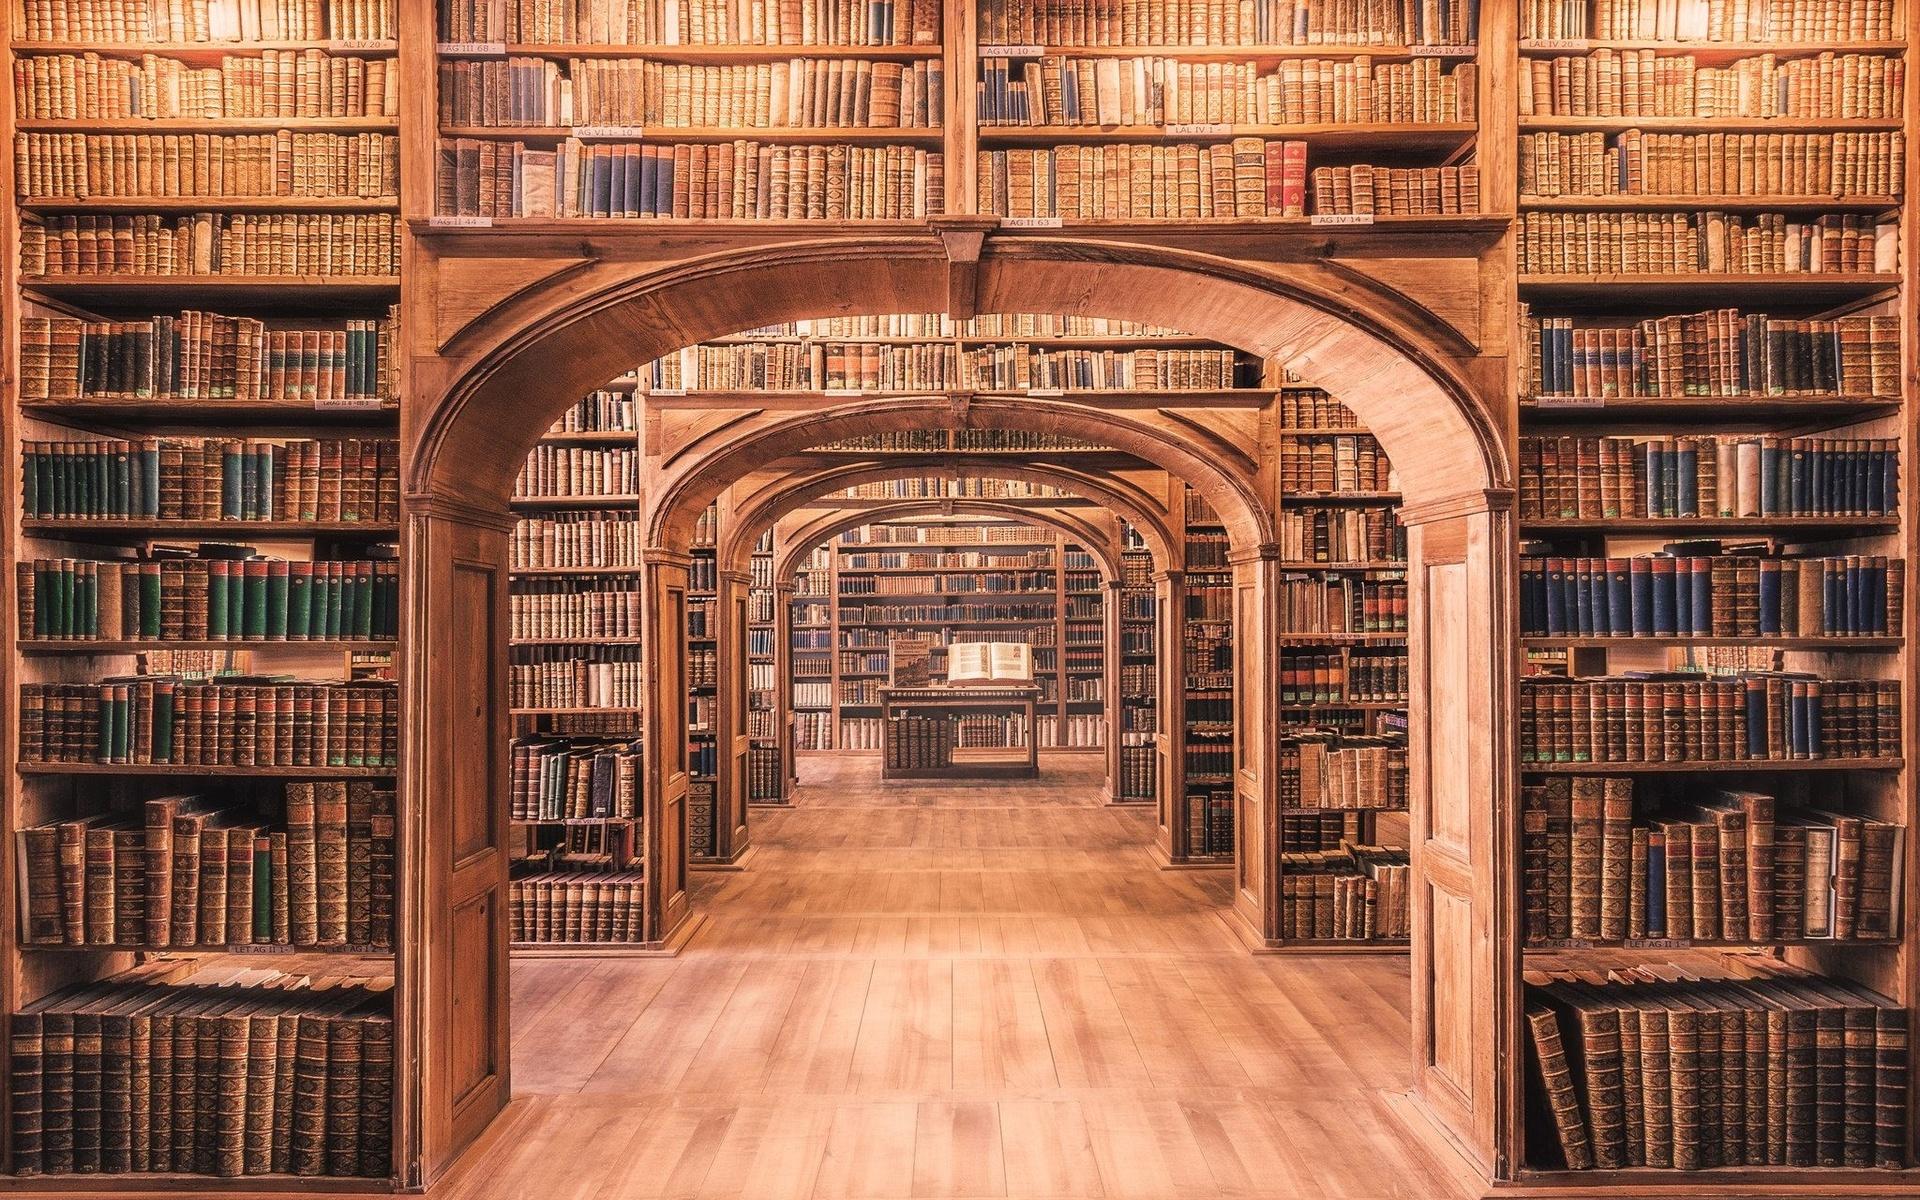 использовать картинки старинных библиотек сердечки, оставив